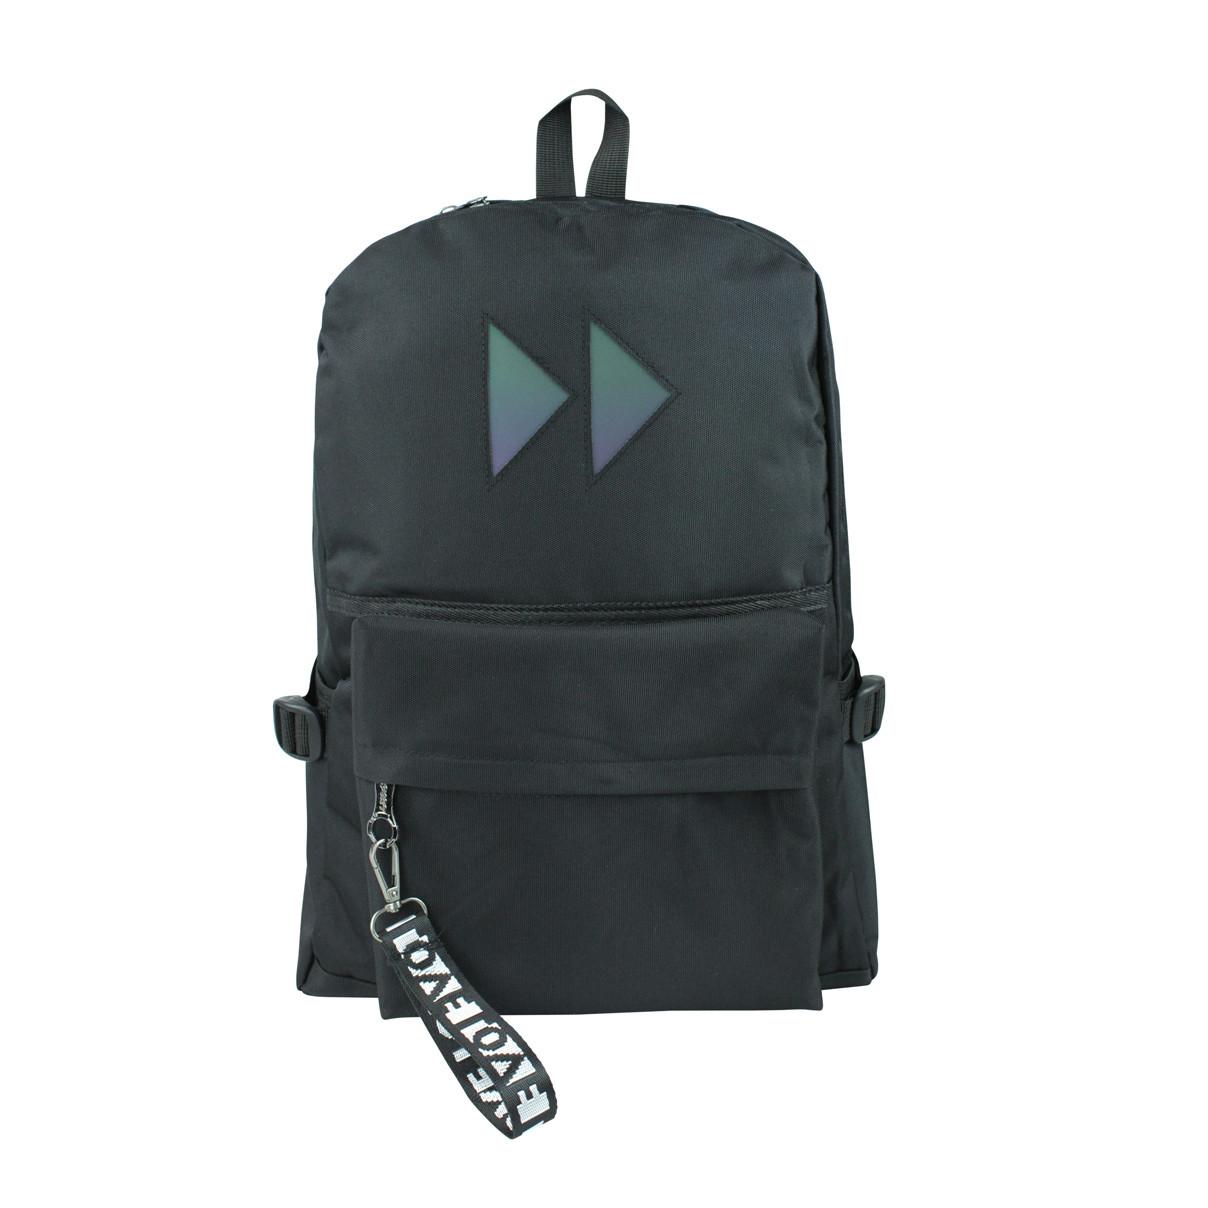 Рюкзак городской чёрный с вставкой rewind